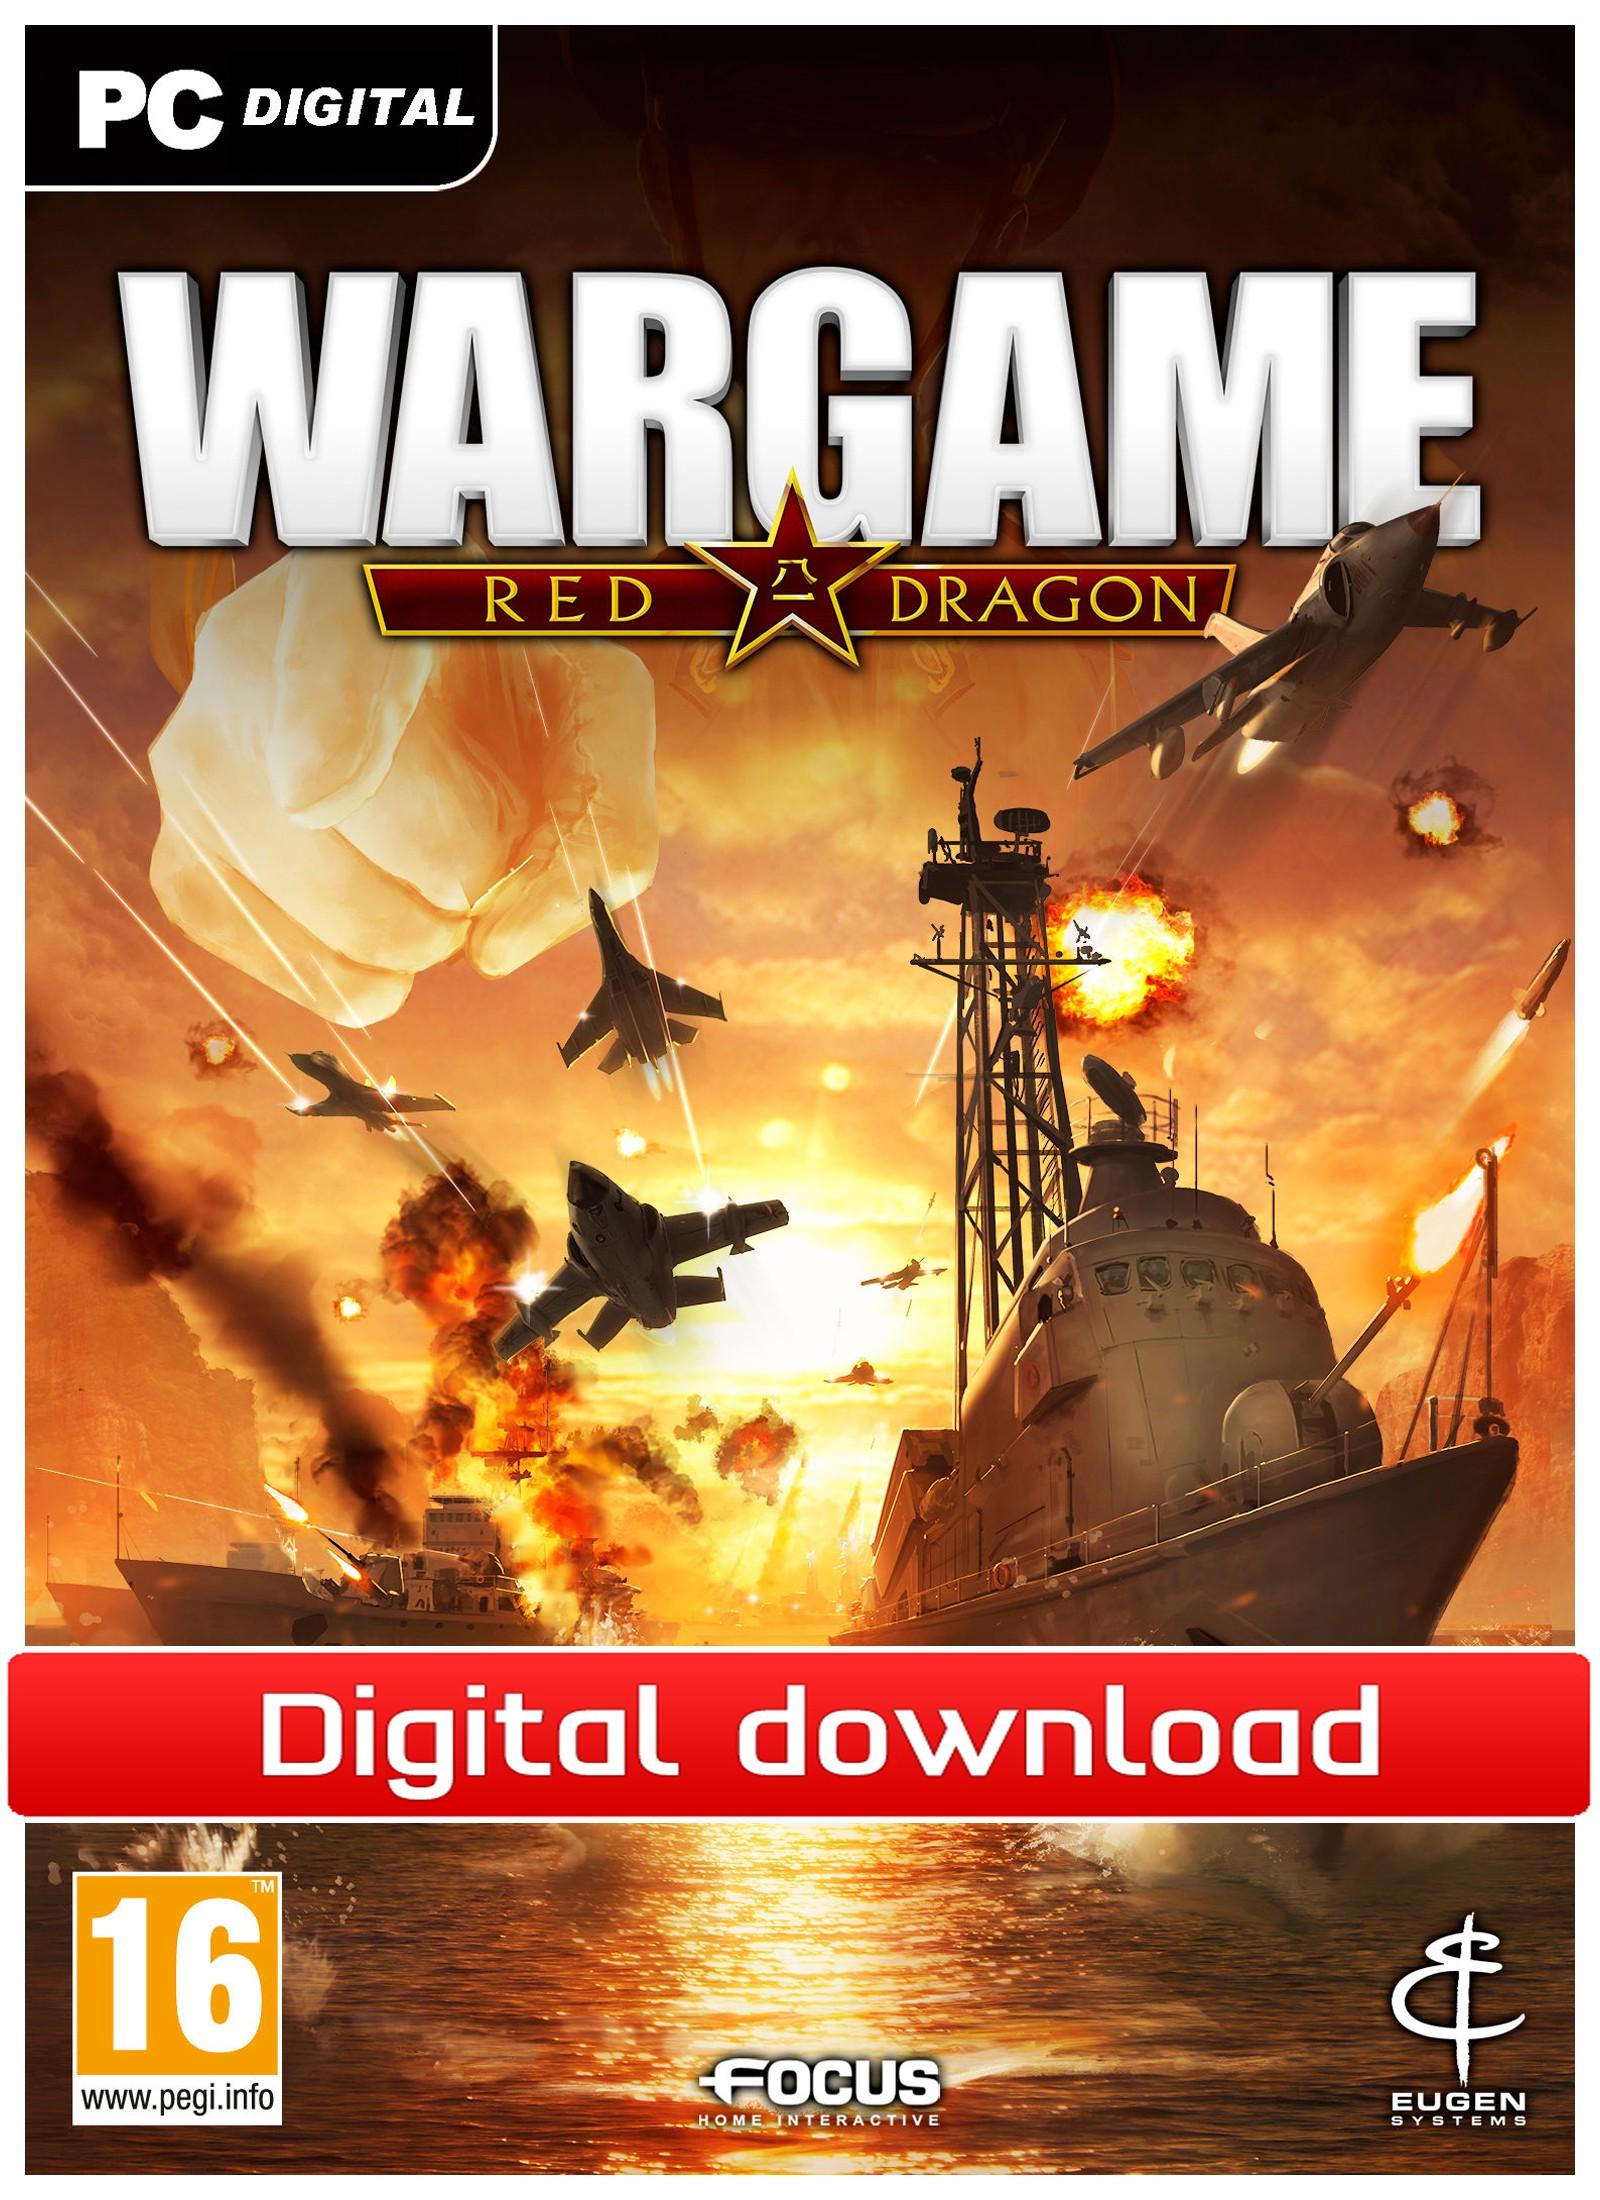 Wargame: Red Dragon (PC nedlastning) PCDD34793